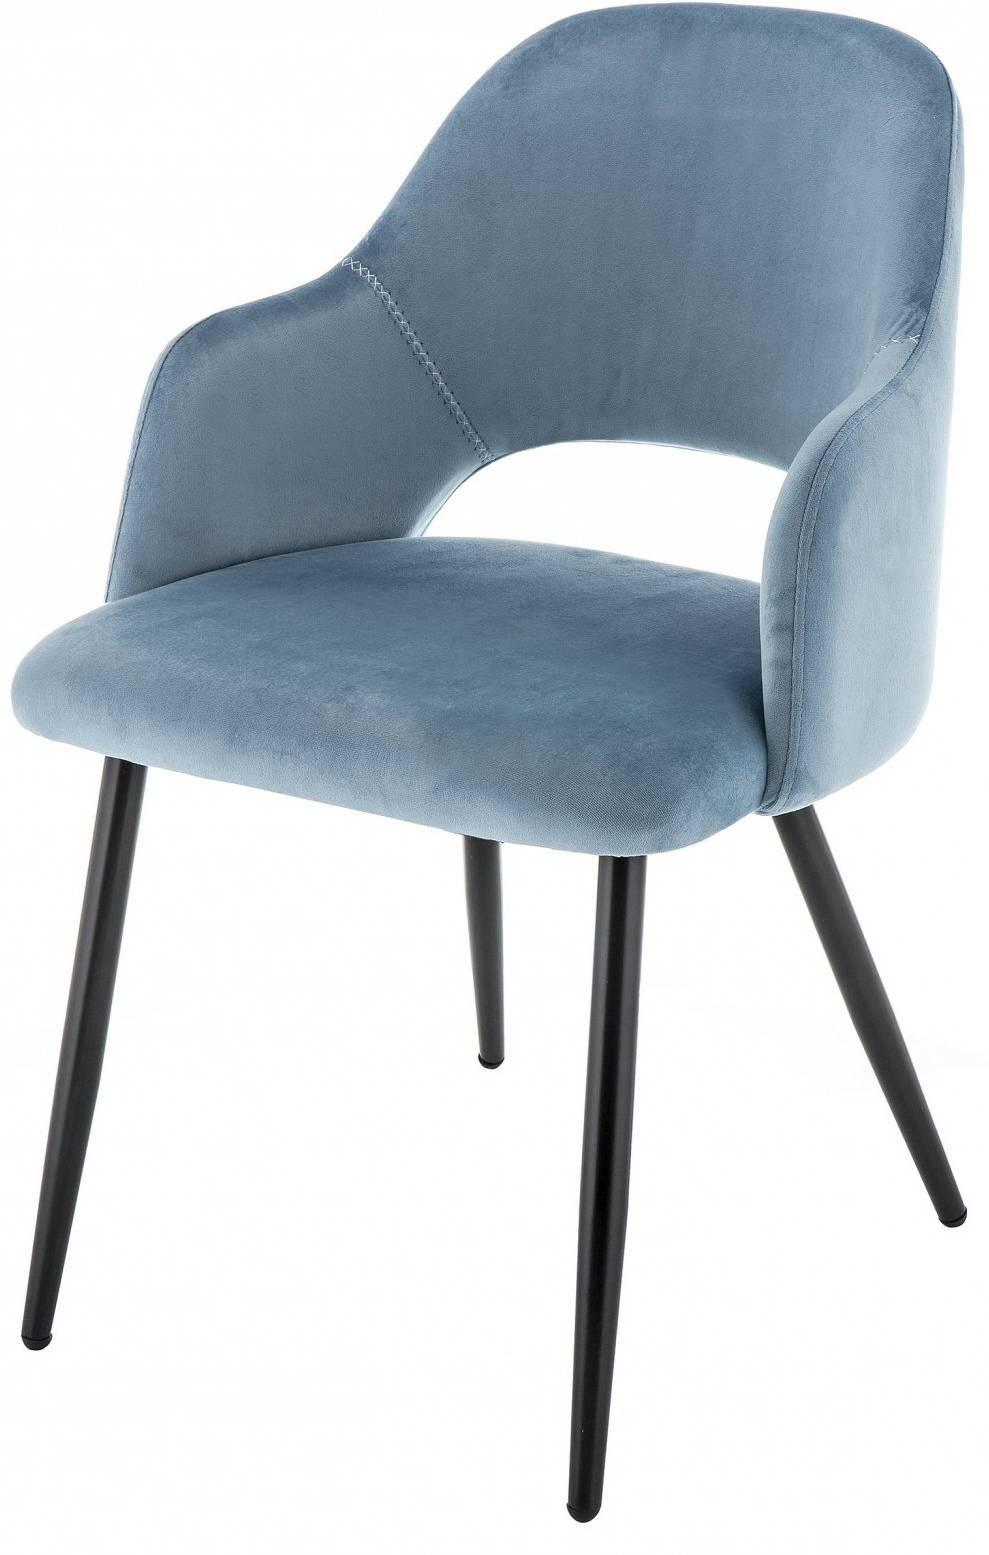 Купить бархатный стул Konor в Raroom